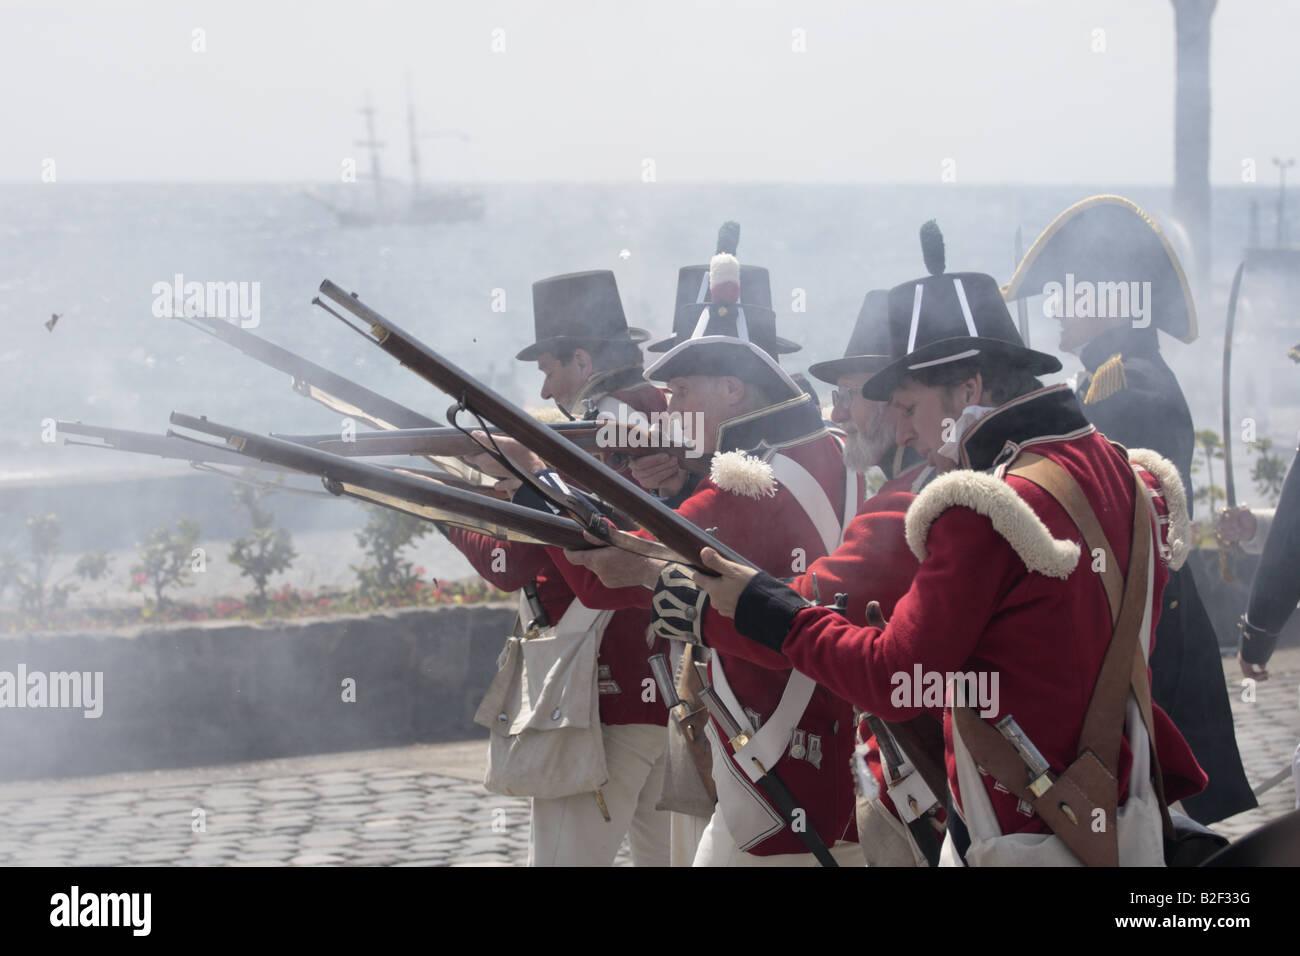 Un grupo de la Marina Real Británica apuntar y disparar durante una recreación del 1797 Batalla de Santa Cruz, Santa Cruz de Tenerife Foto de stock